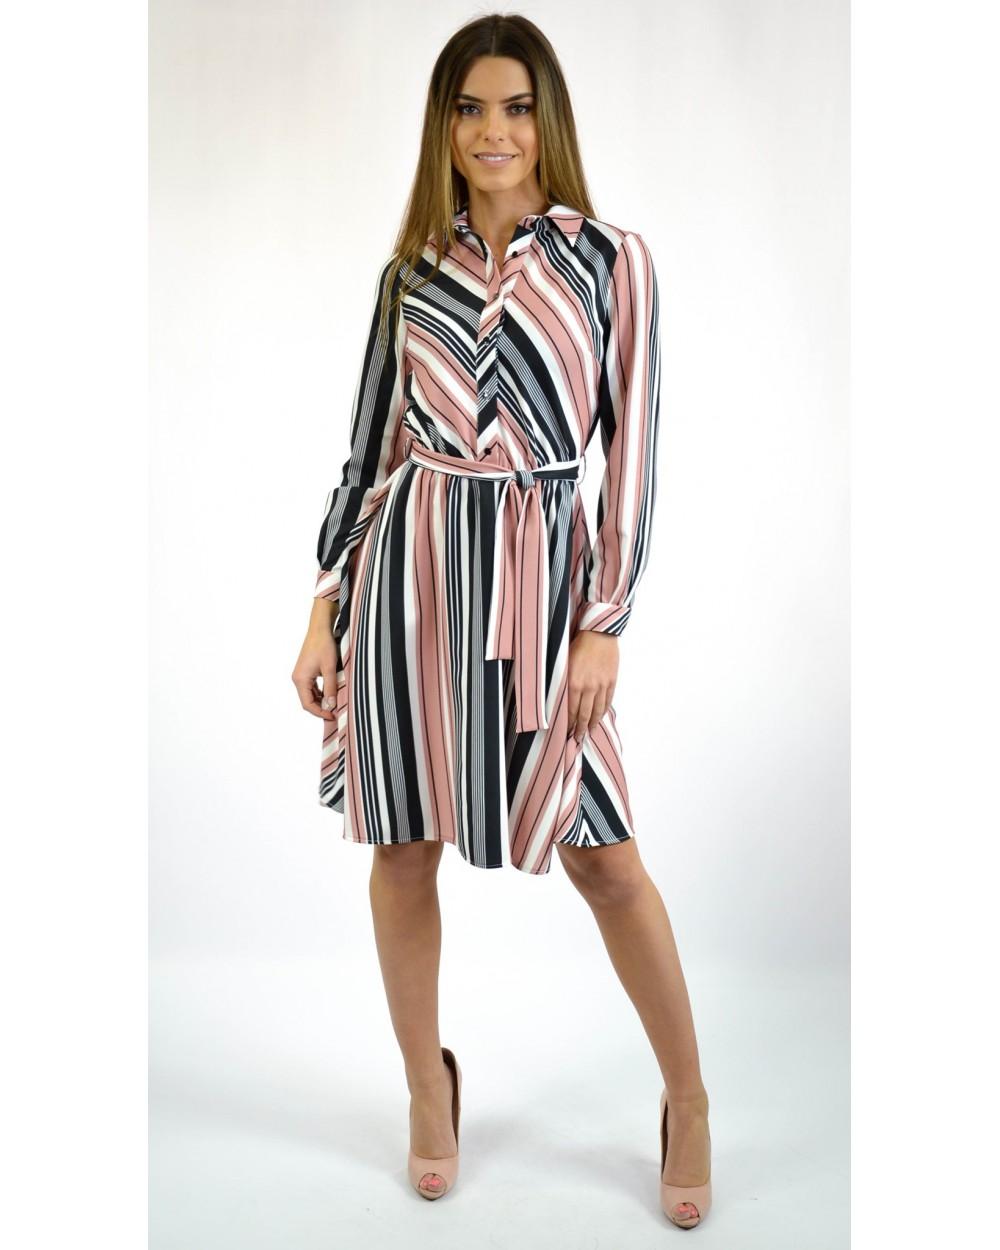 915e84ab30 Sukienka damska w paski z koszulową górą na co dzień sklep online